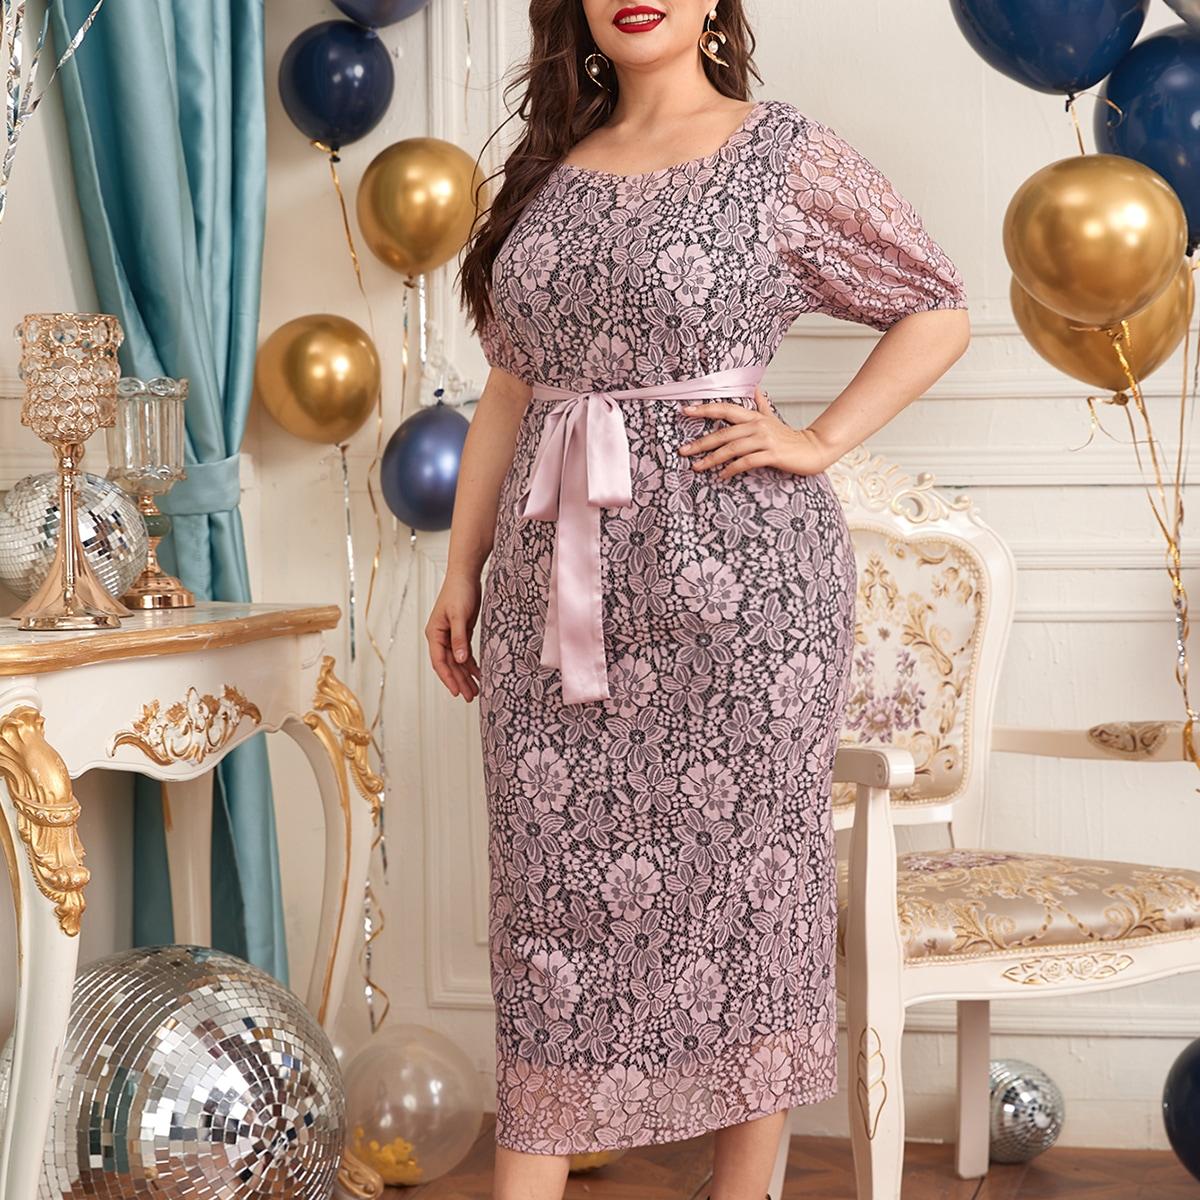 Кружевное платье размера плюс с пышными рукавами и разрезом сзади